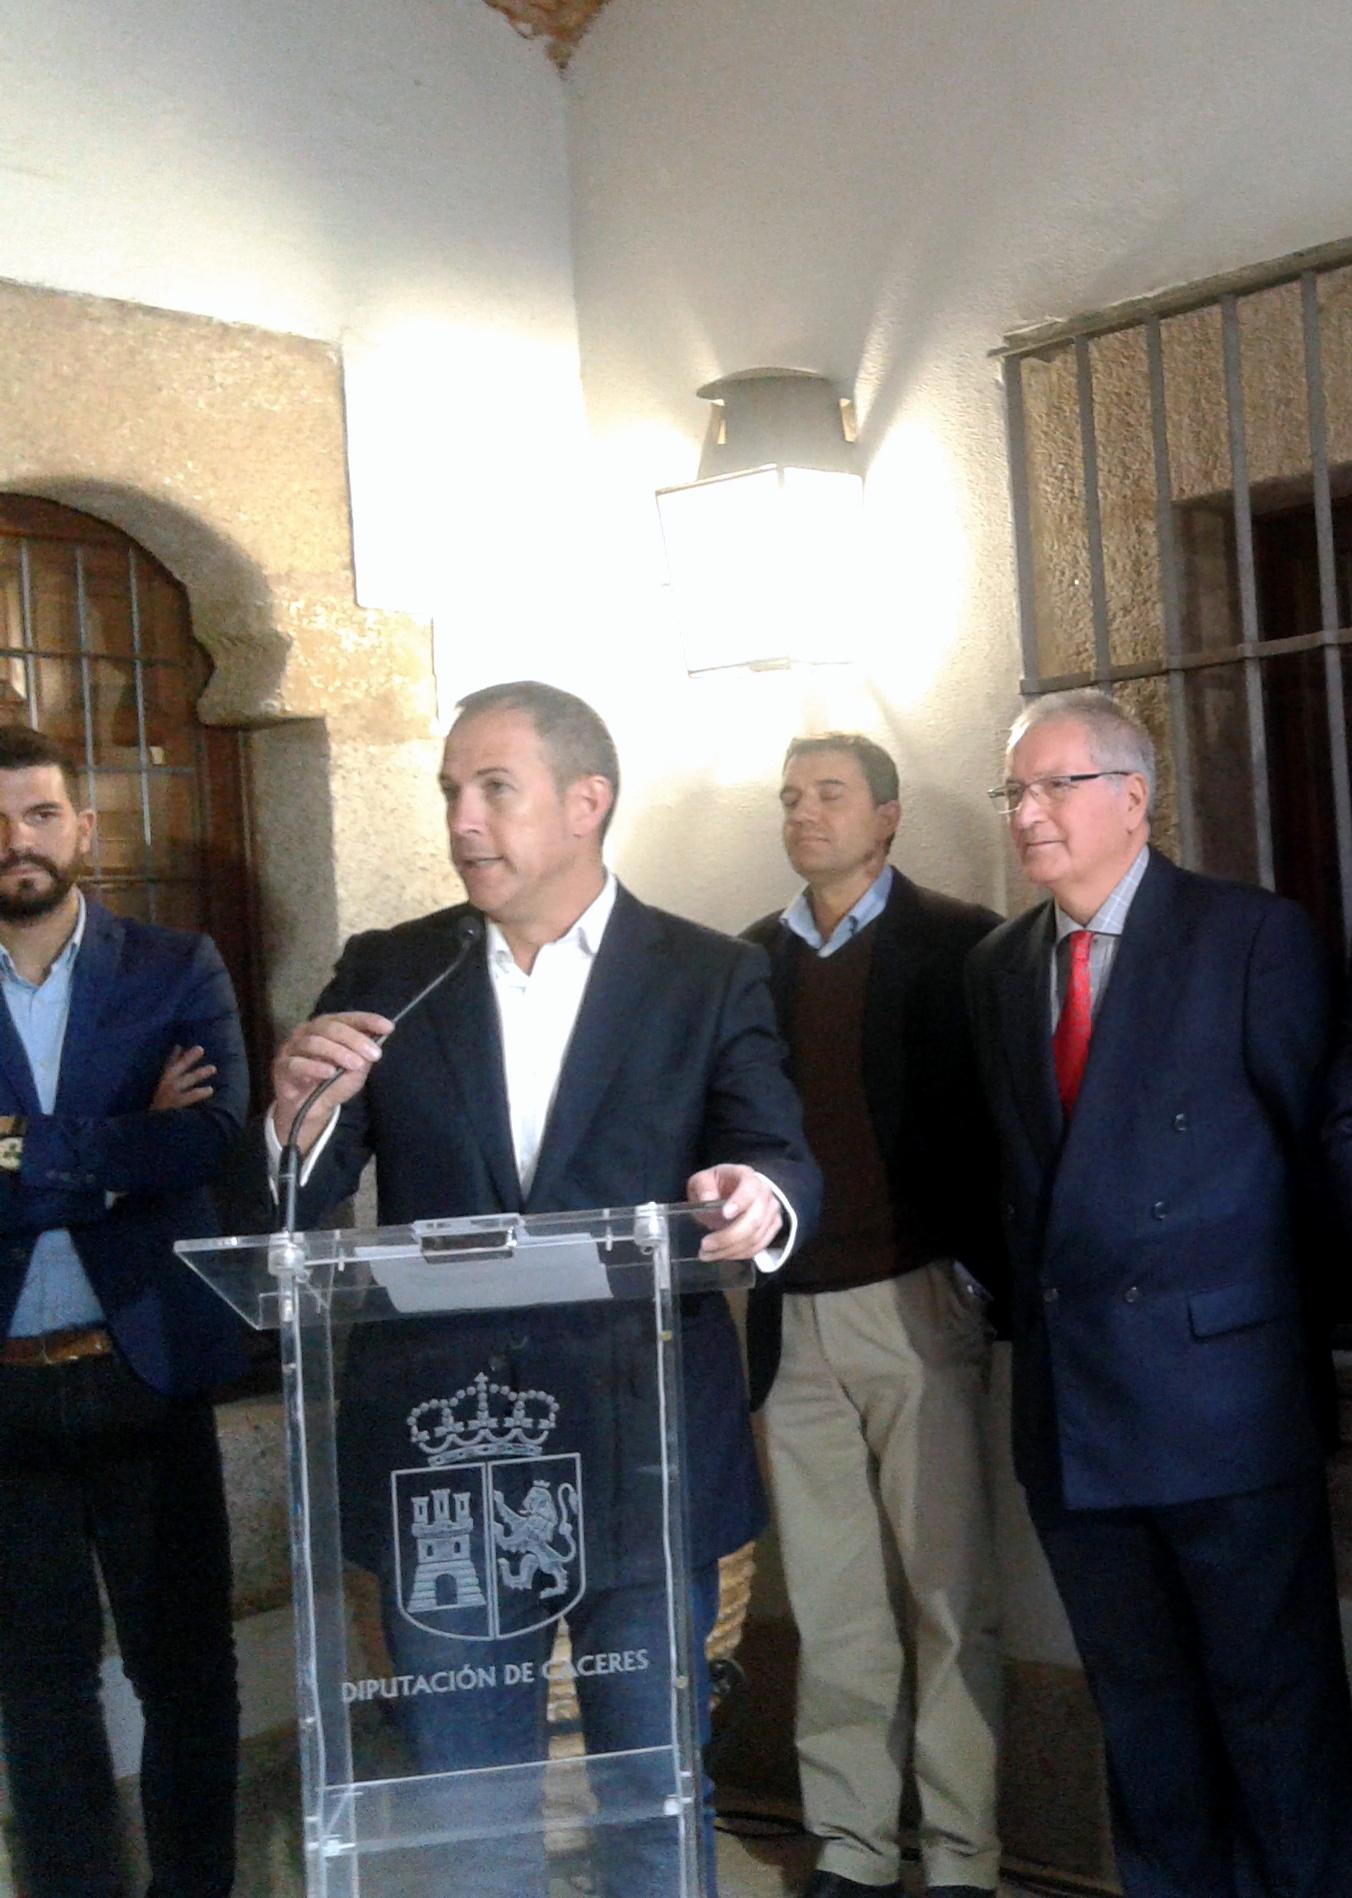 alfredo-aguilera-alcalde-malpartid-en-la-inauguracion-del-itinerario-azv-2016